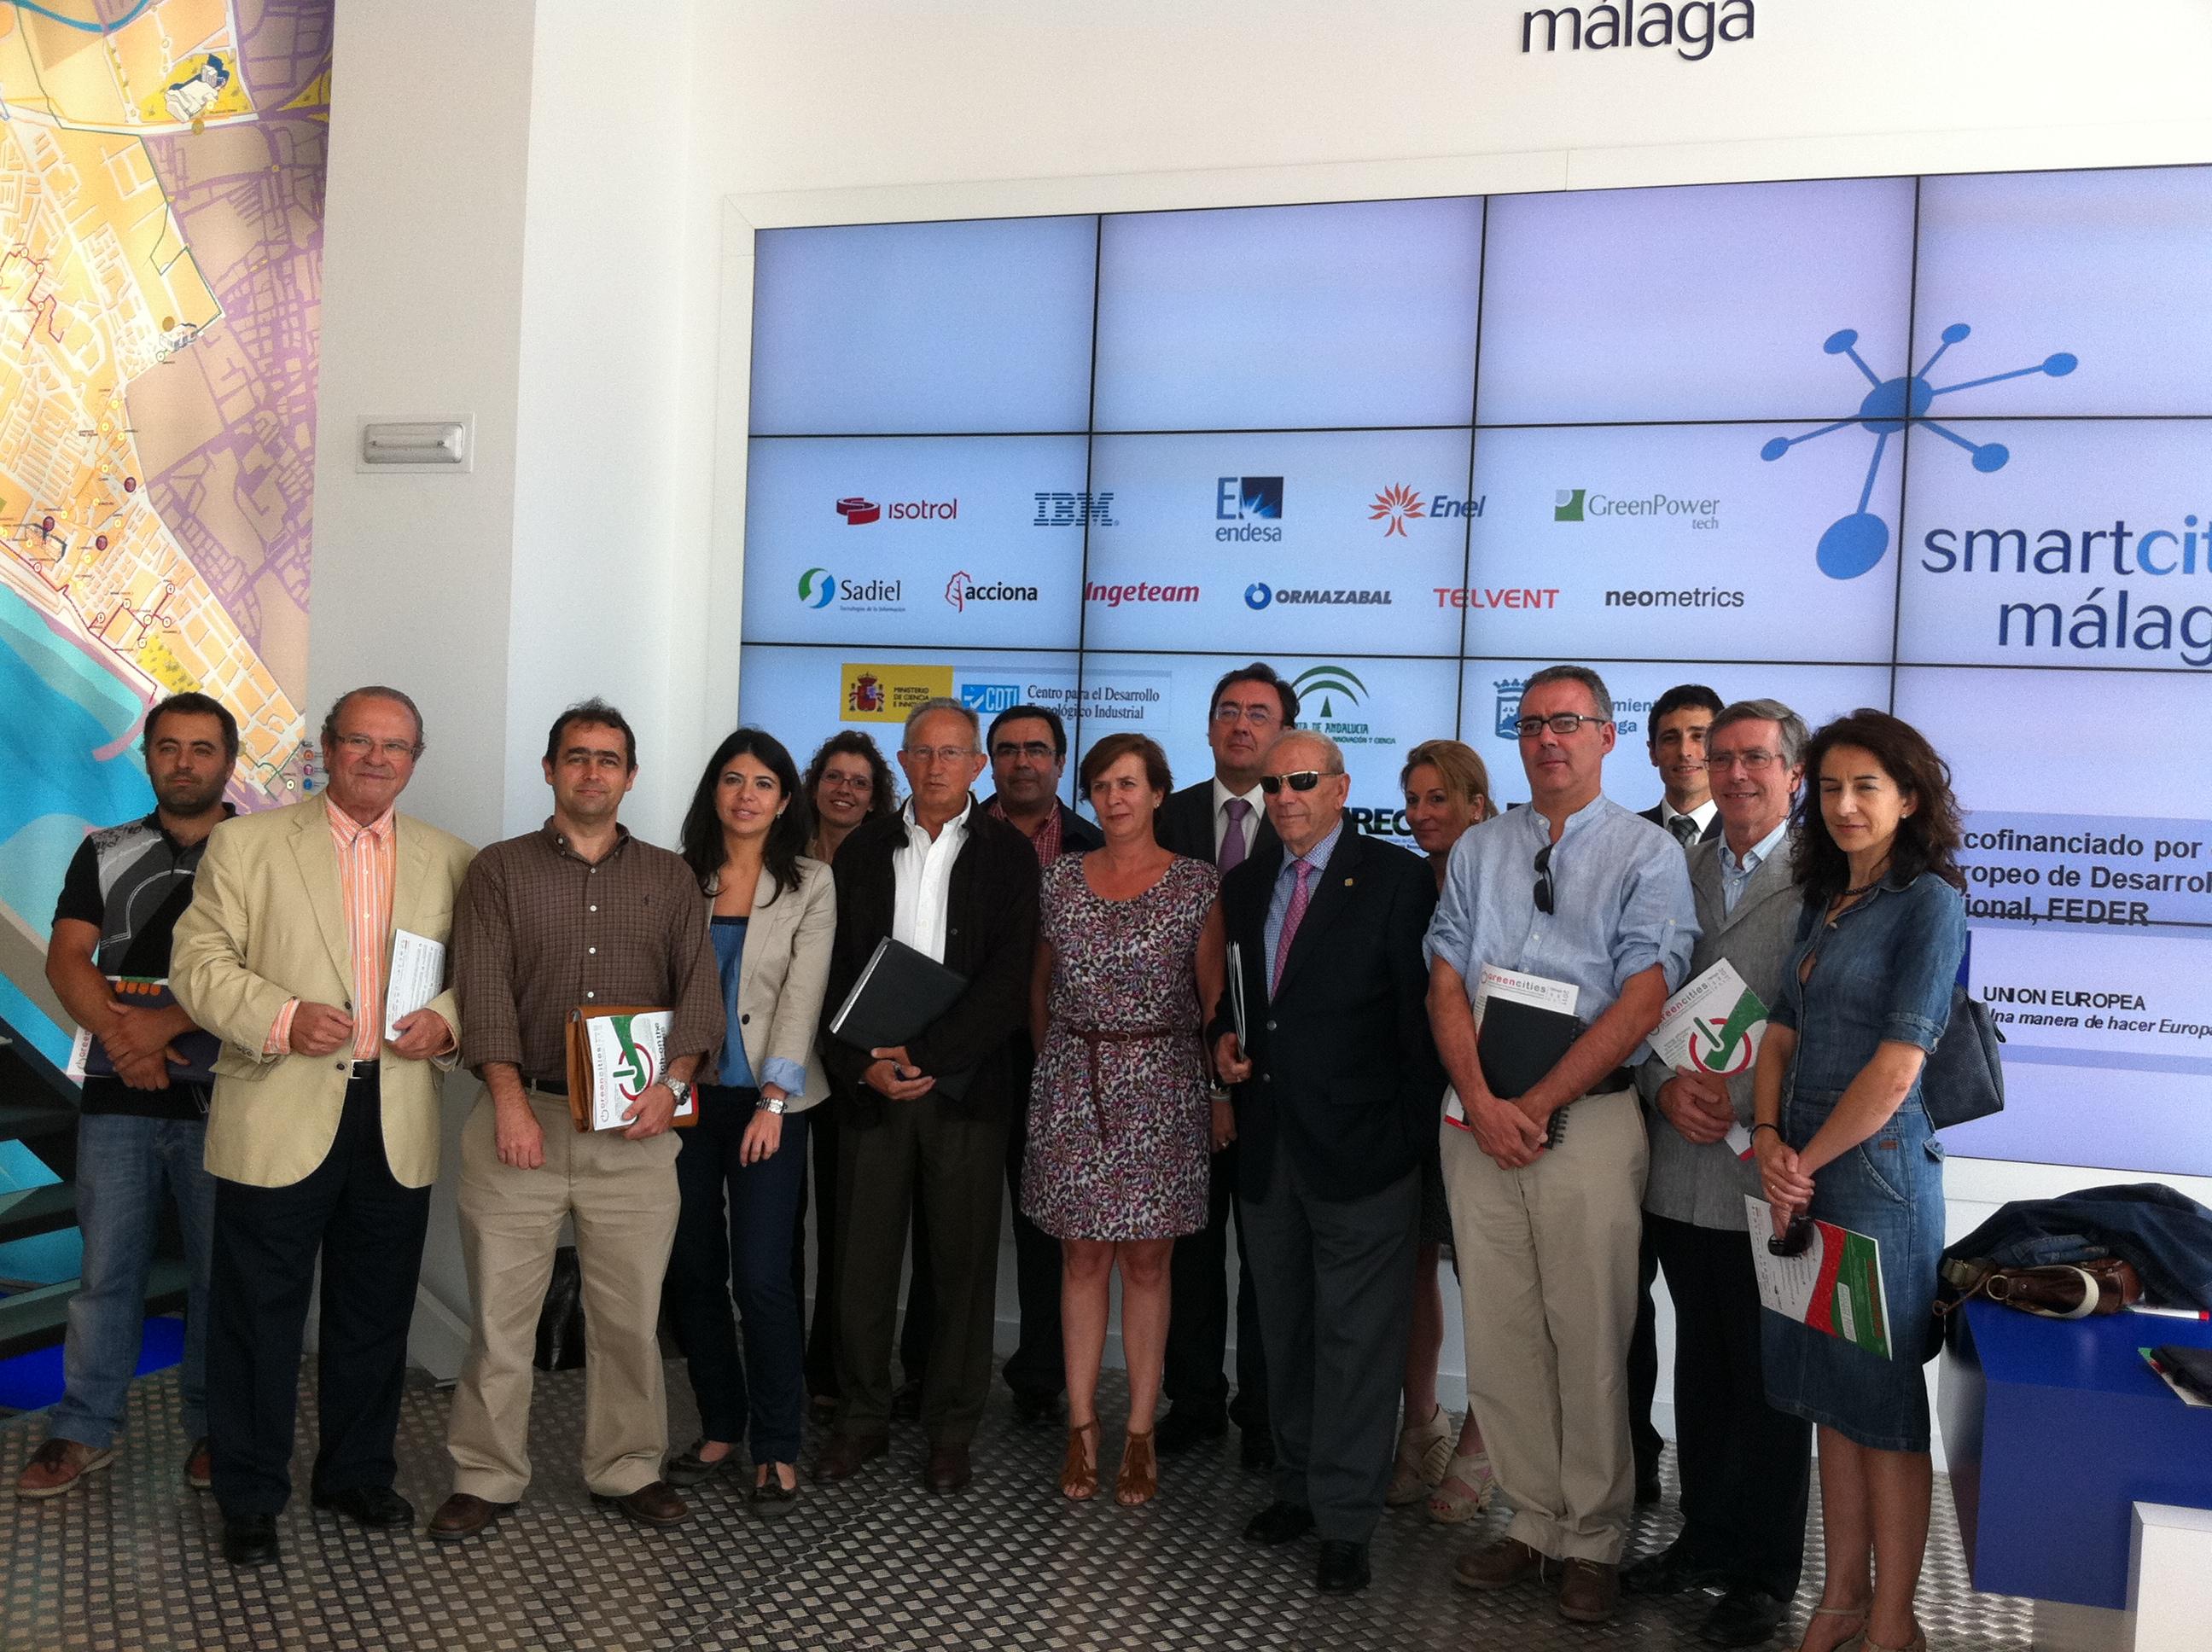 El comité organizador de 'Greencities' se reúne y visita el proyecto Smartcity